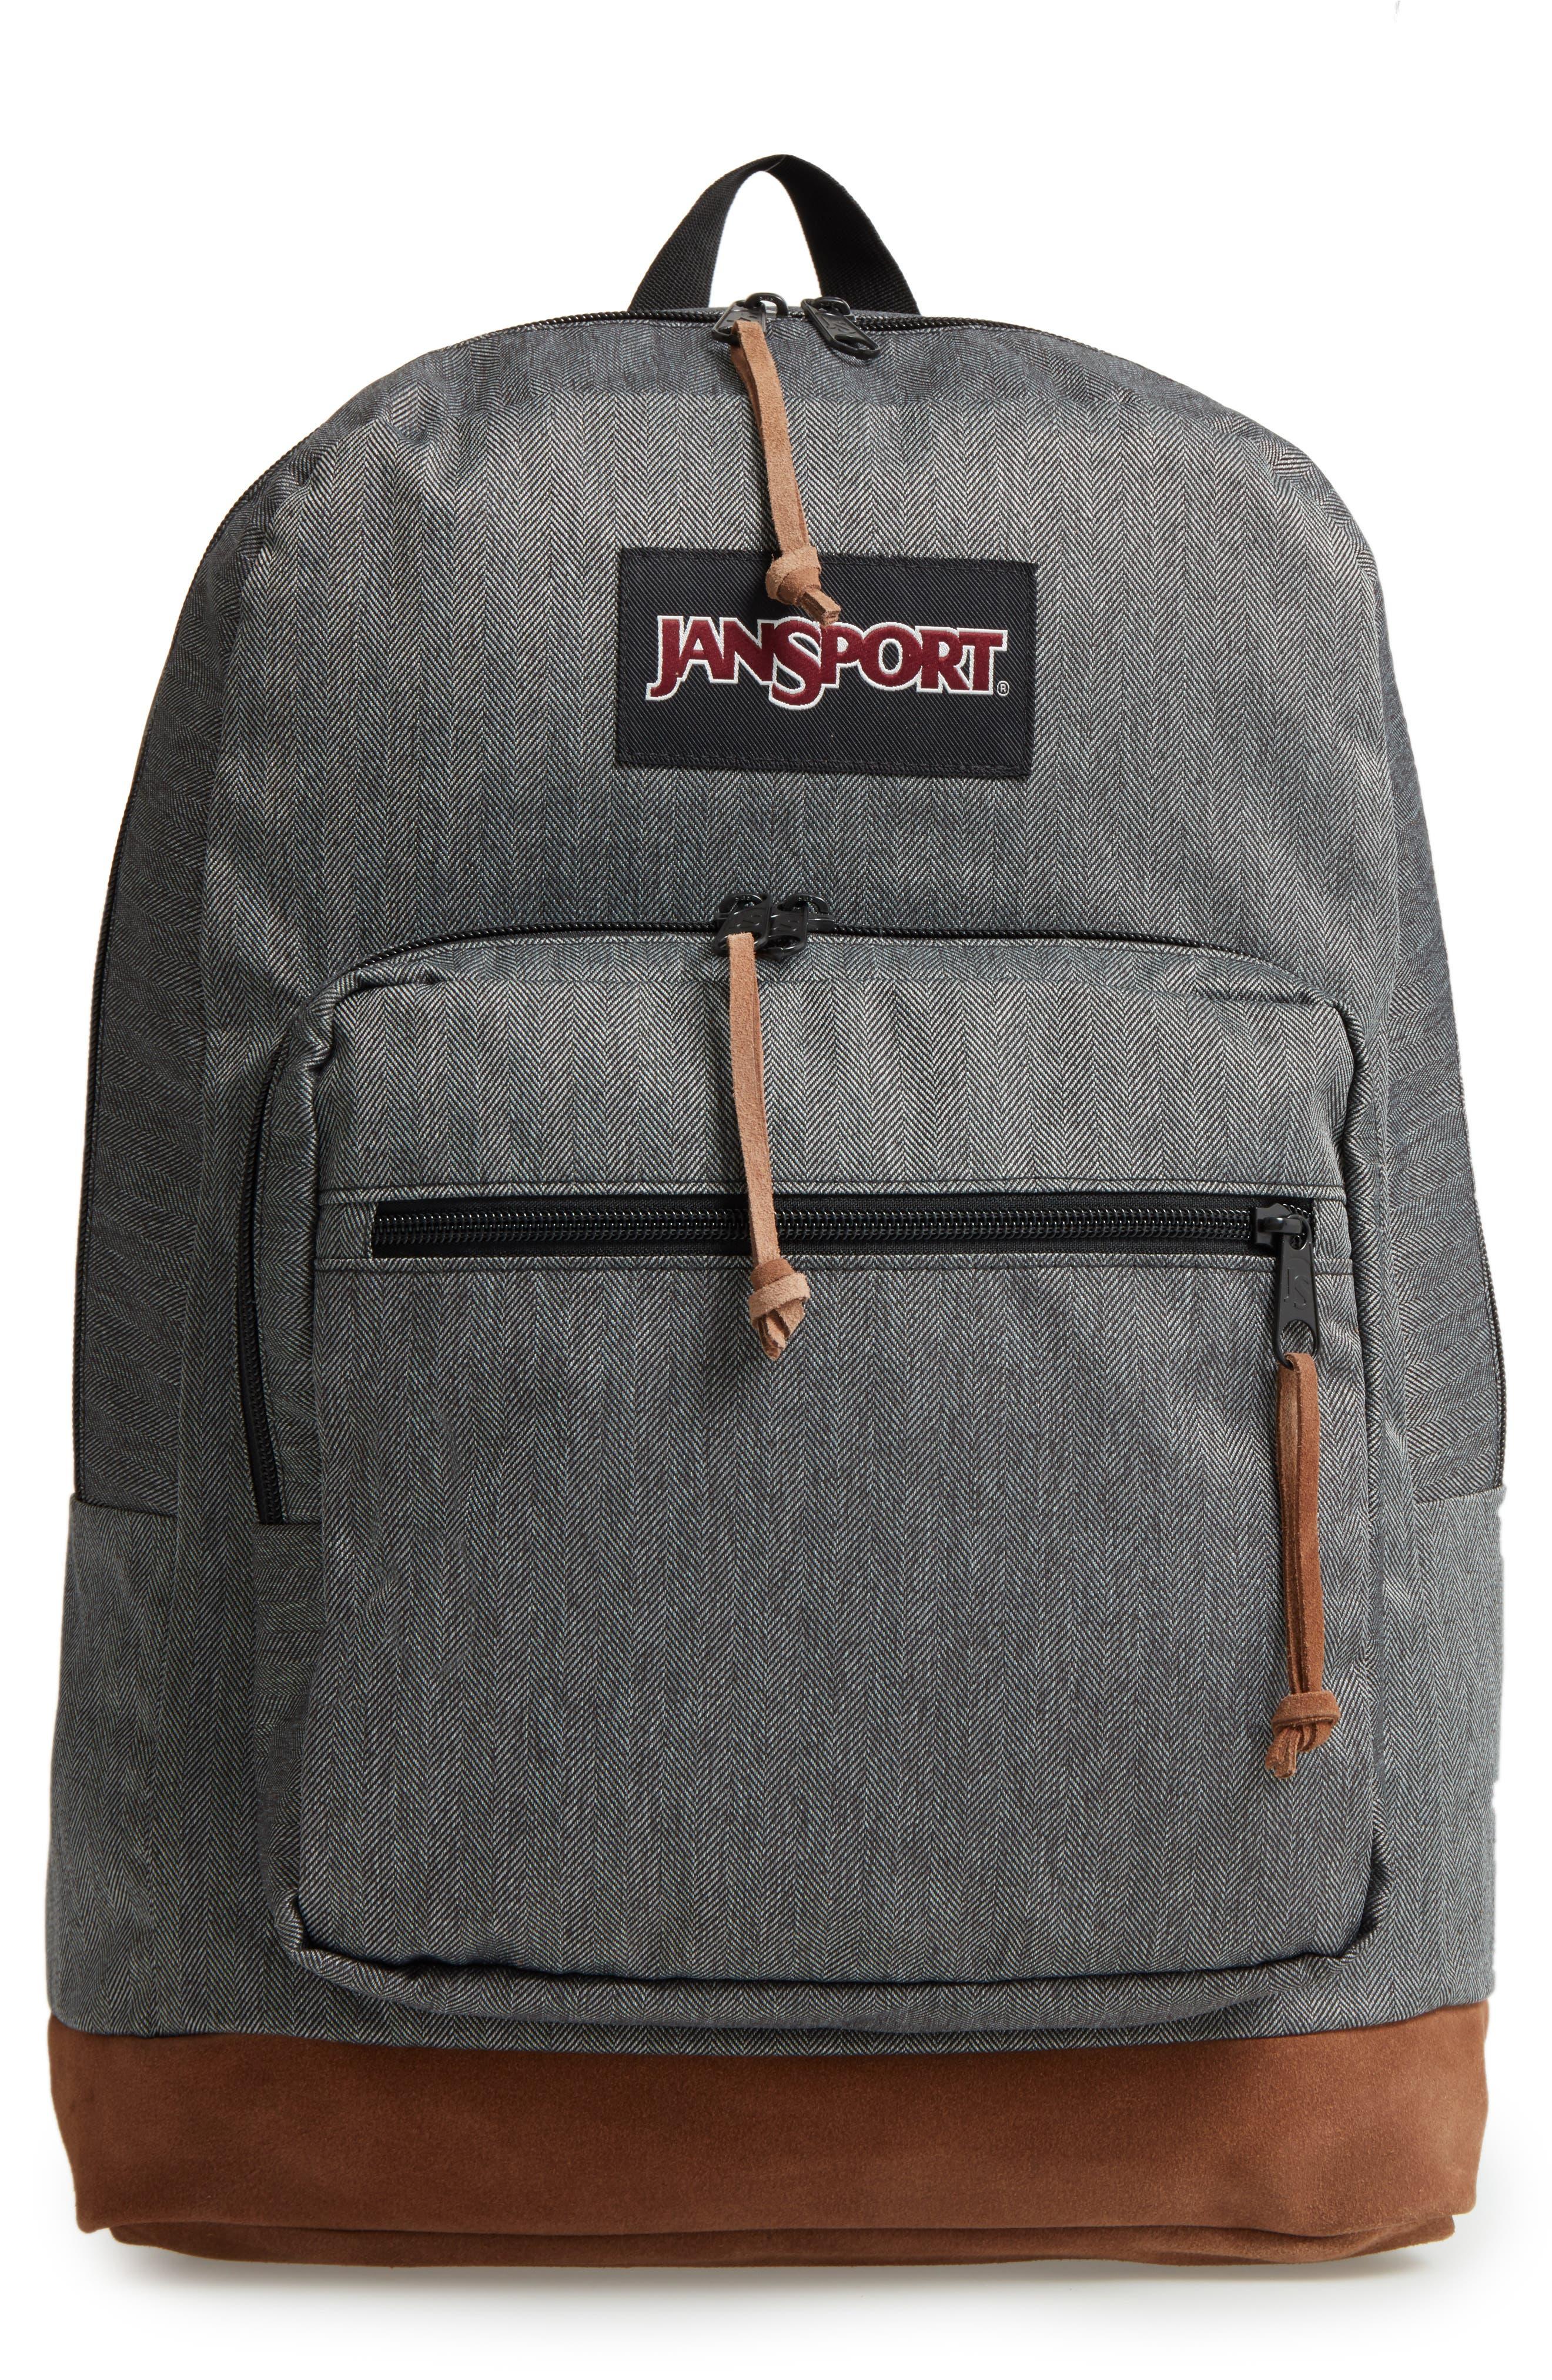 c9fbb124153e Jansport  Right Pack  Backpack -